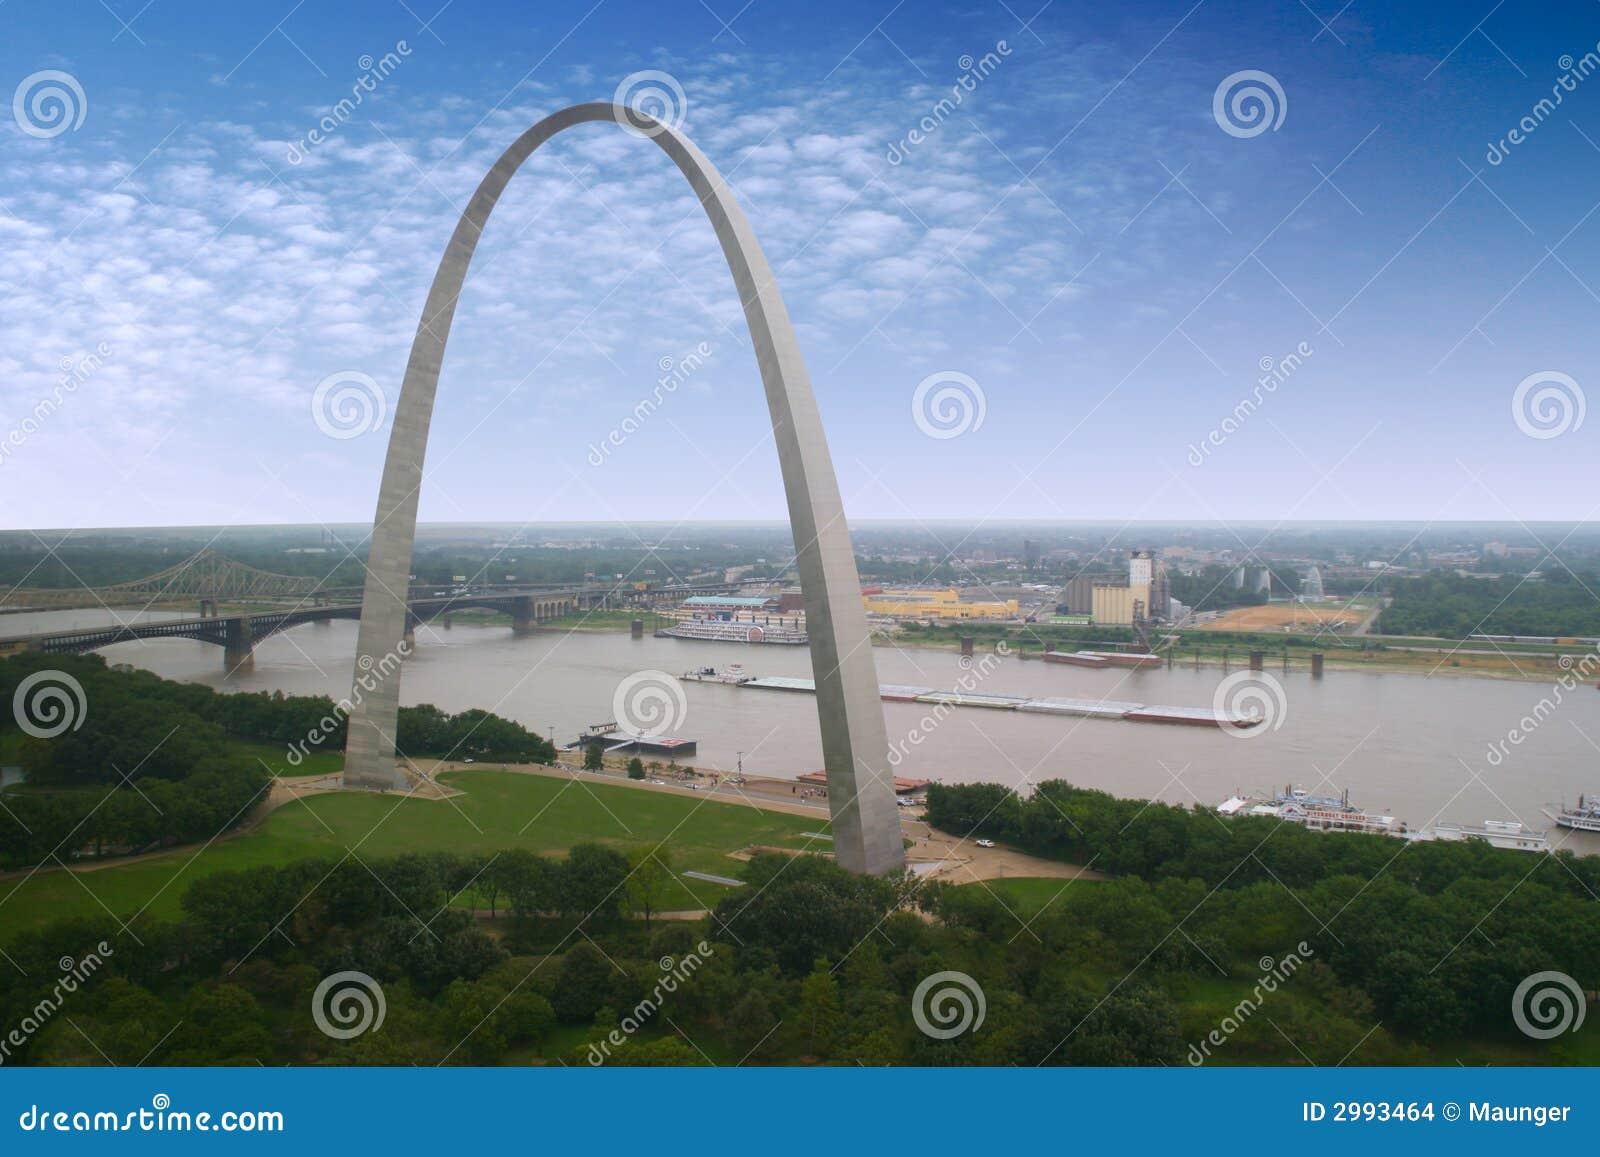 Arco de St. Louis y una lancha a remolque